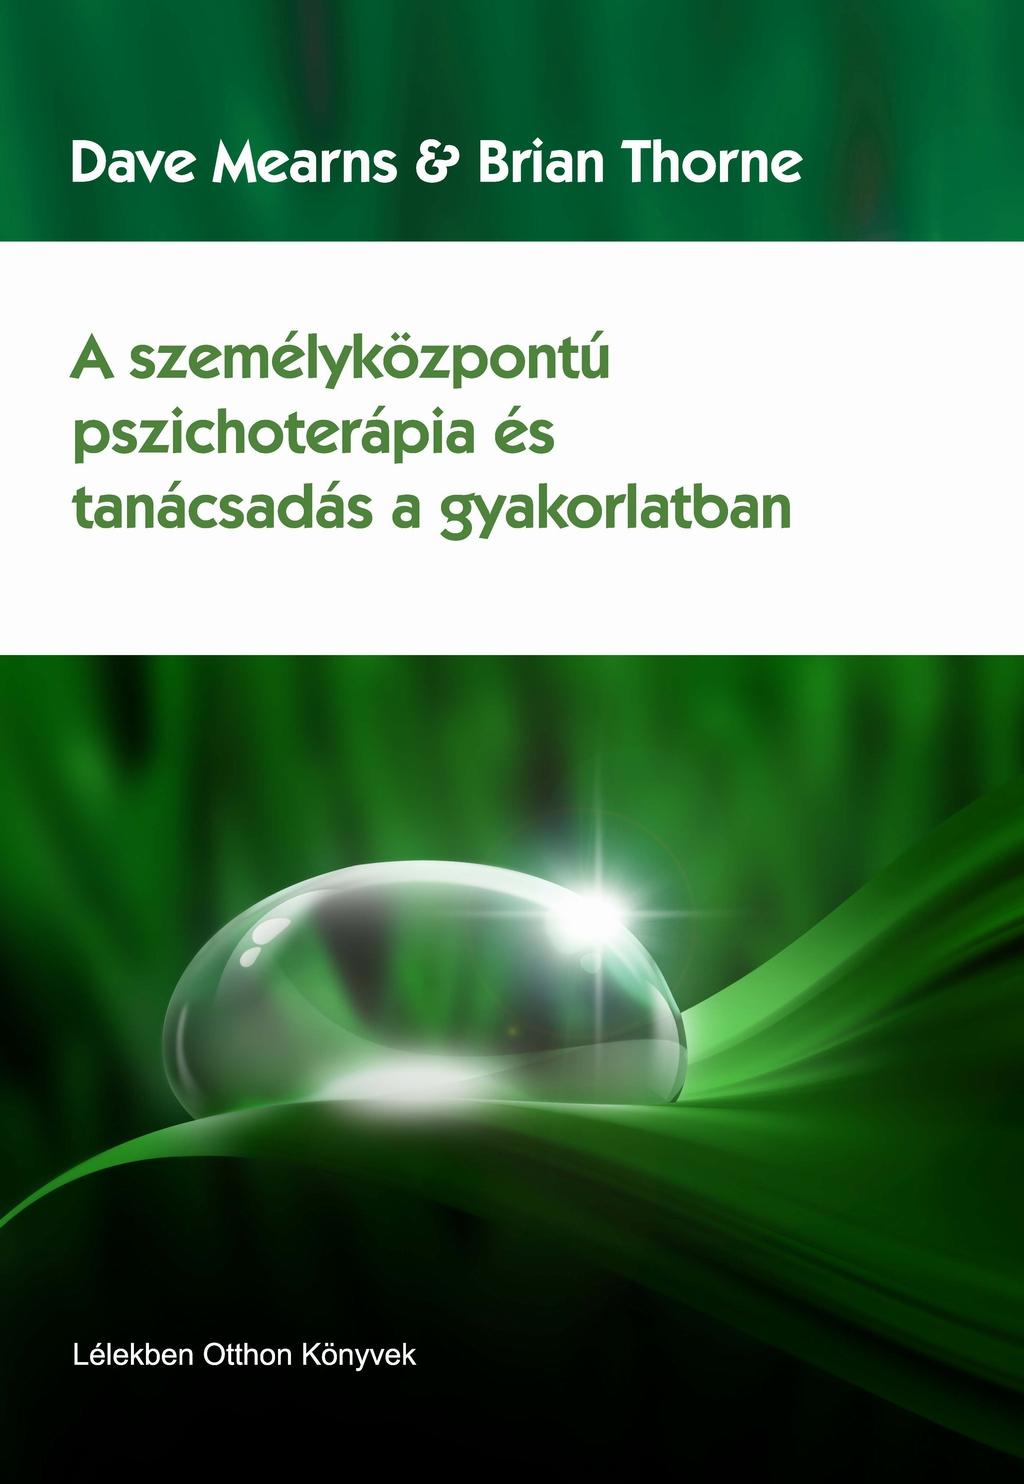 hipertónia pszichoterápia magas vérnyomású gyógyszerek mellékhatások nélküli felsorolása